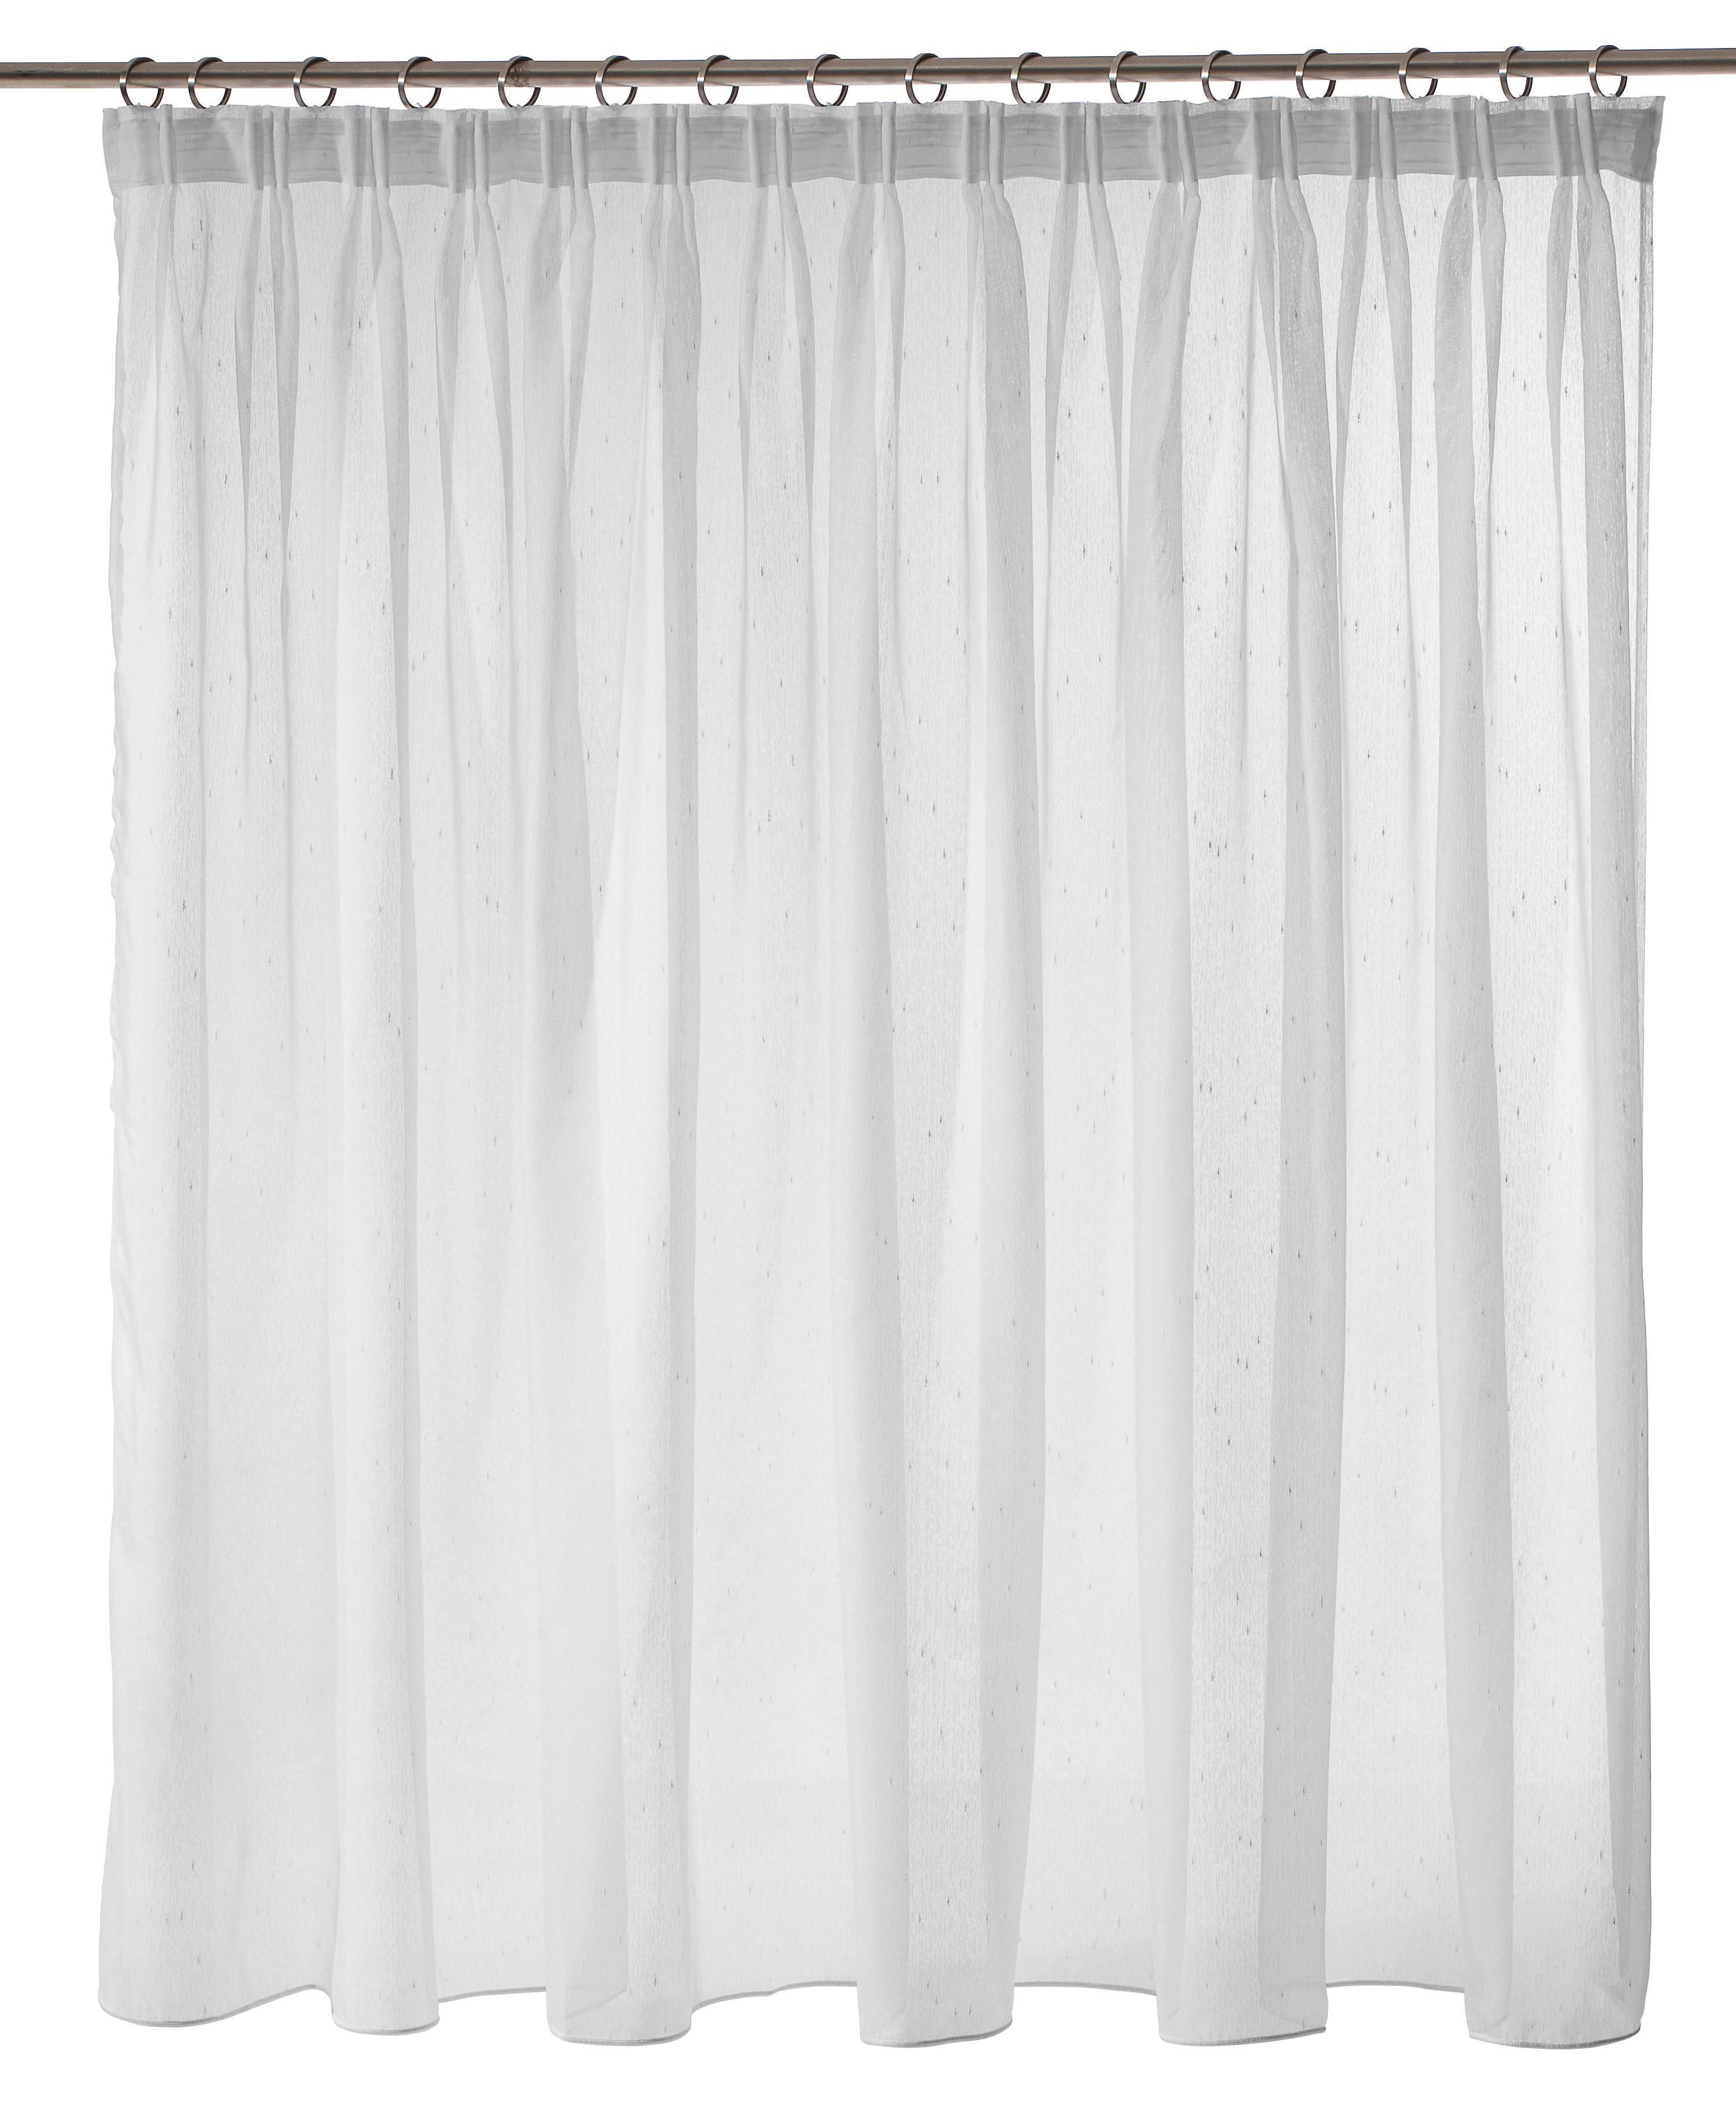 Elly-Jacquard-Fertiggardinen-Stores-Vorhang-Weiss-Langgardine  H//225 x B//300 cm